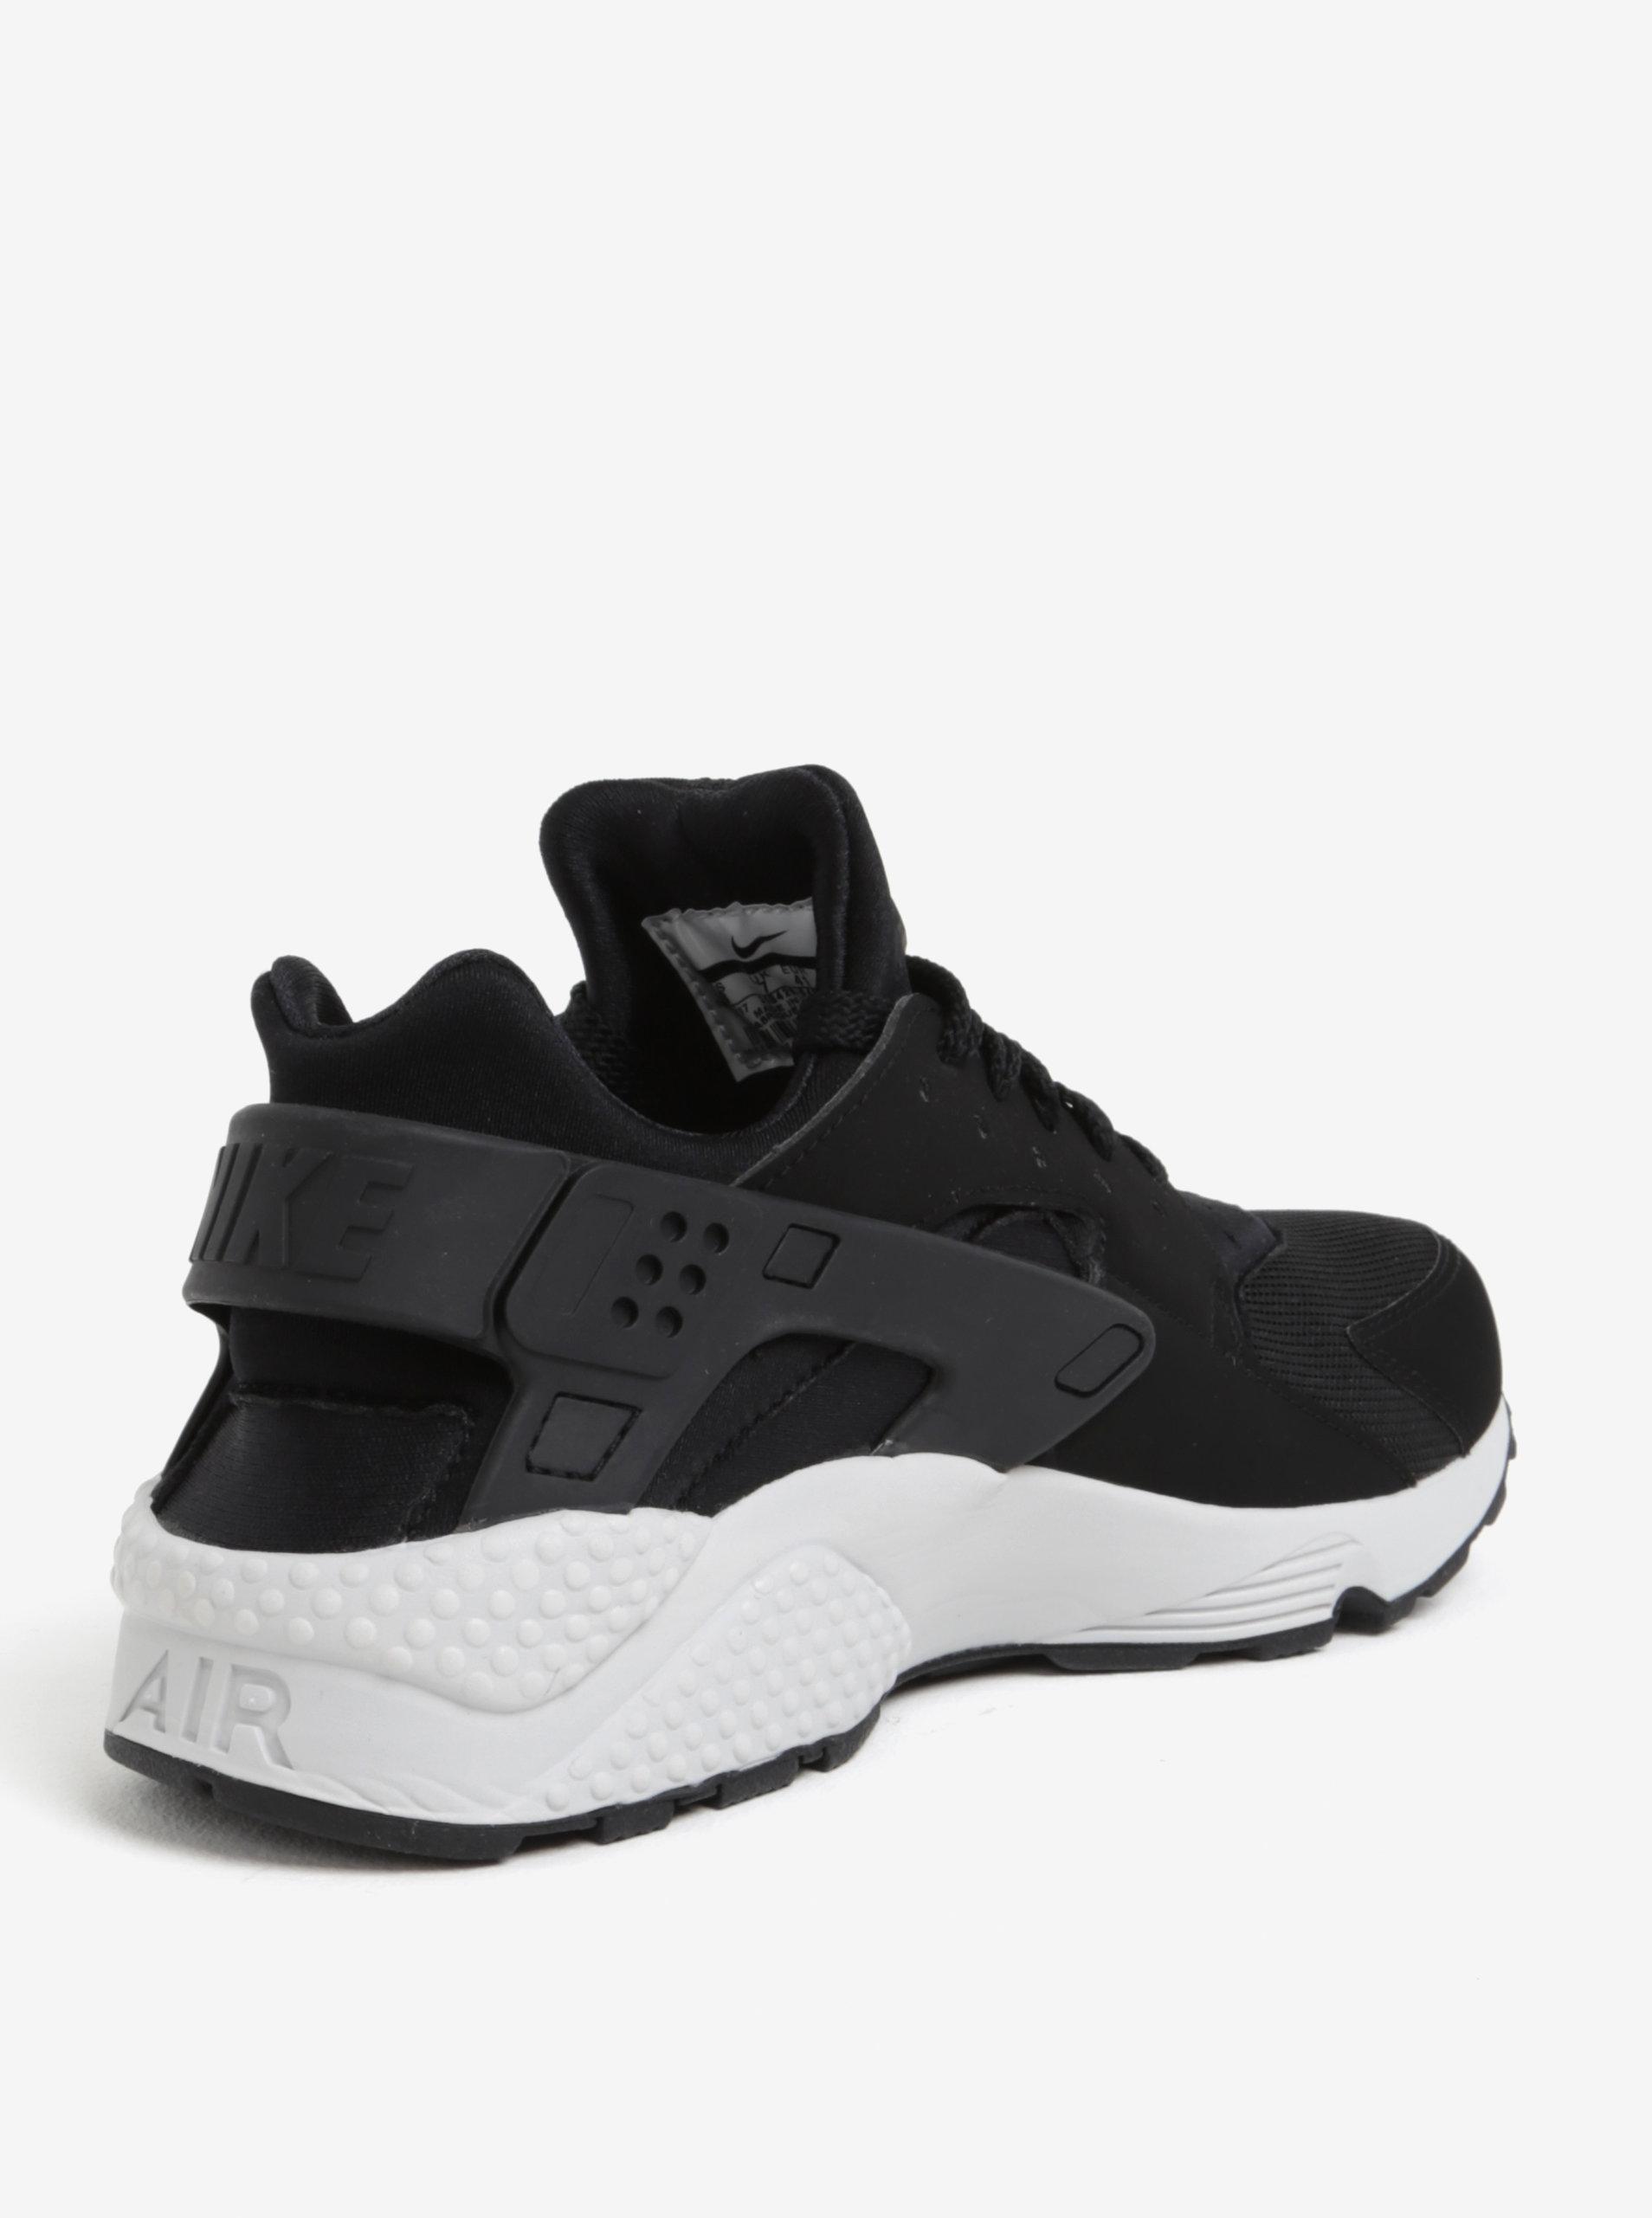 07ab705ea18bf Čierne pánske tenisky s bielou podrážkou Nike Air Huarache | ZOOT.sk